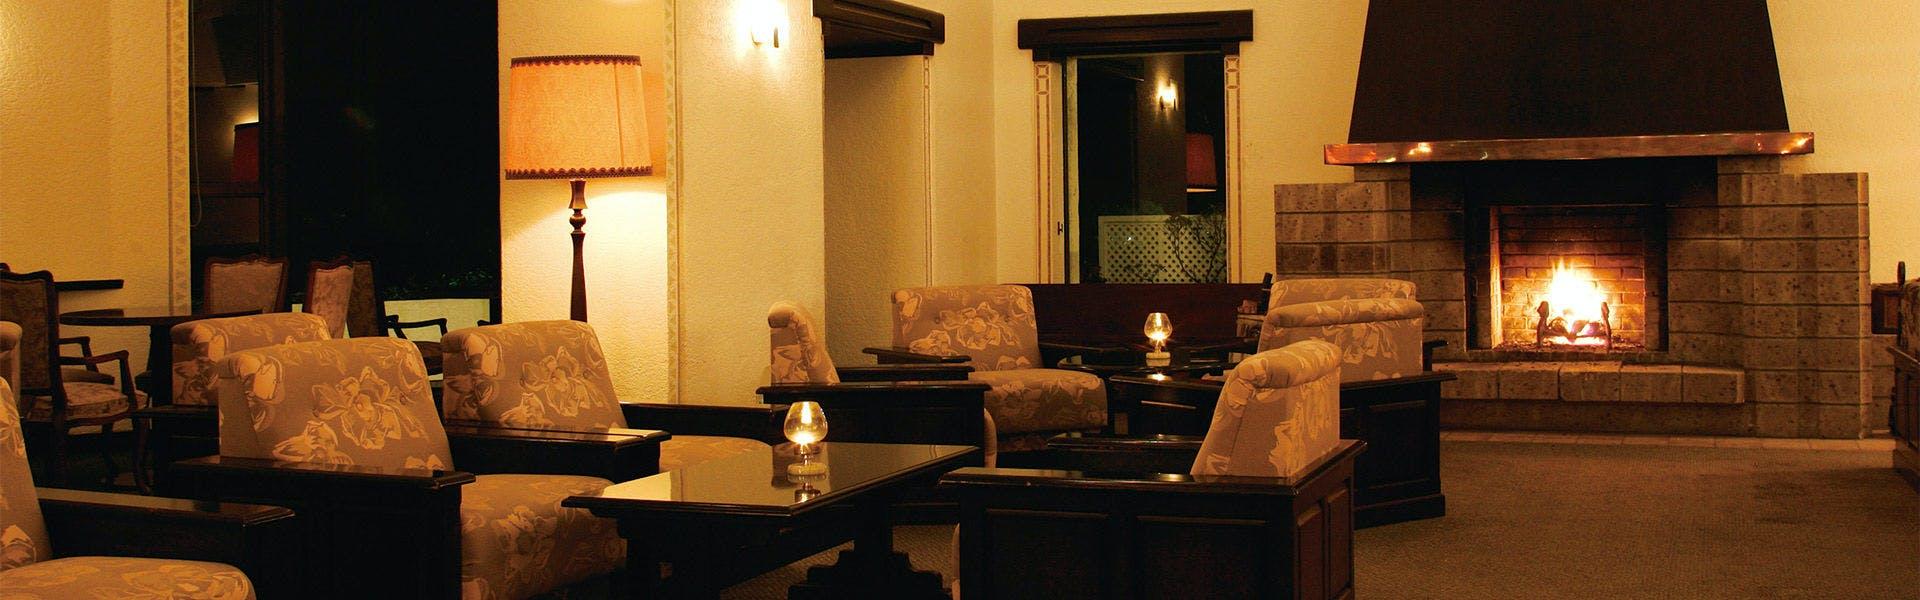 記念日におすすめのホテル・小田急 山のホテルの写真3